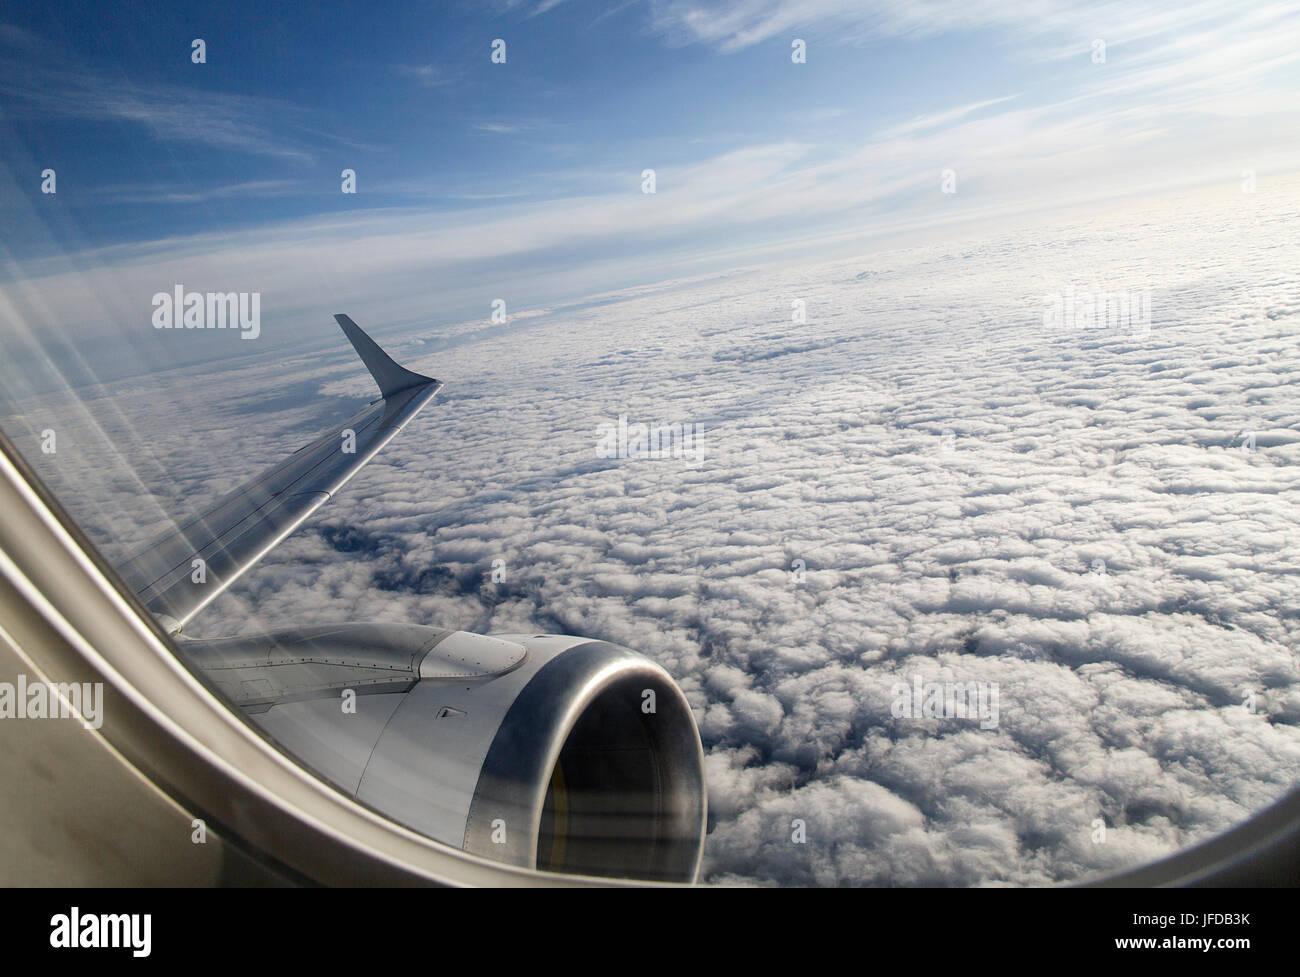 Vista da una finestra aereo subito dopo il decollo mentre si accelera e cambiando drasticamente corso. Immagini Stock